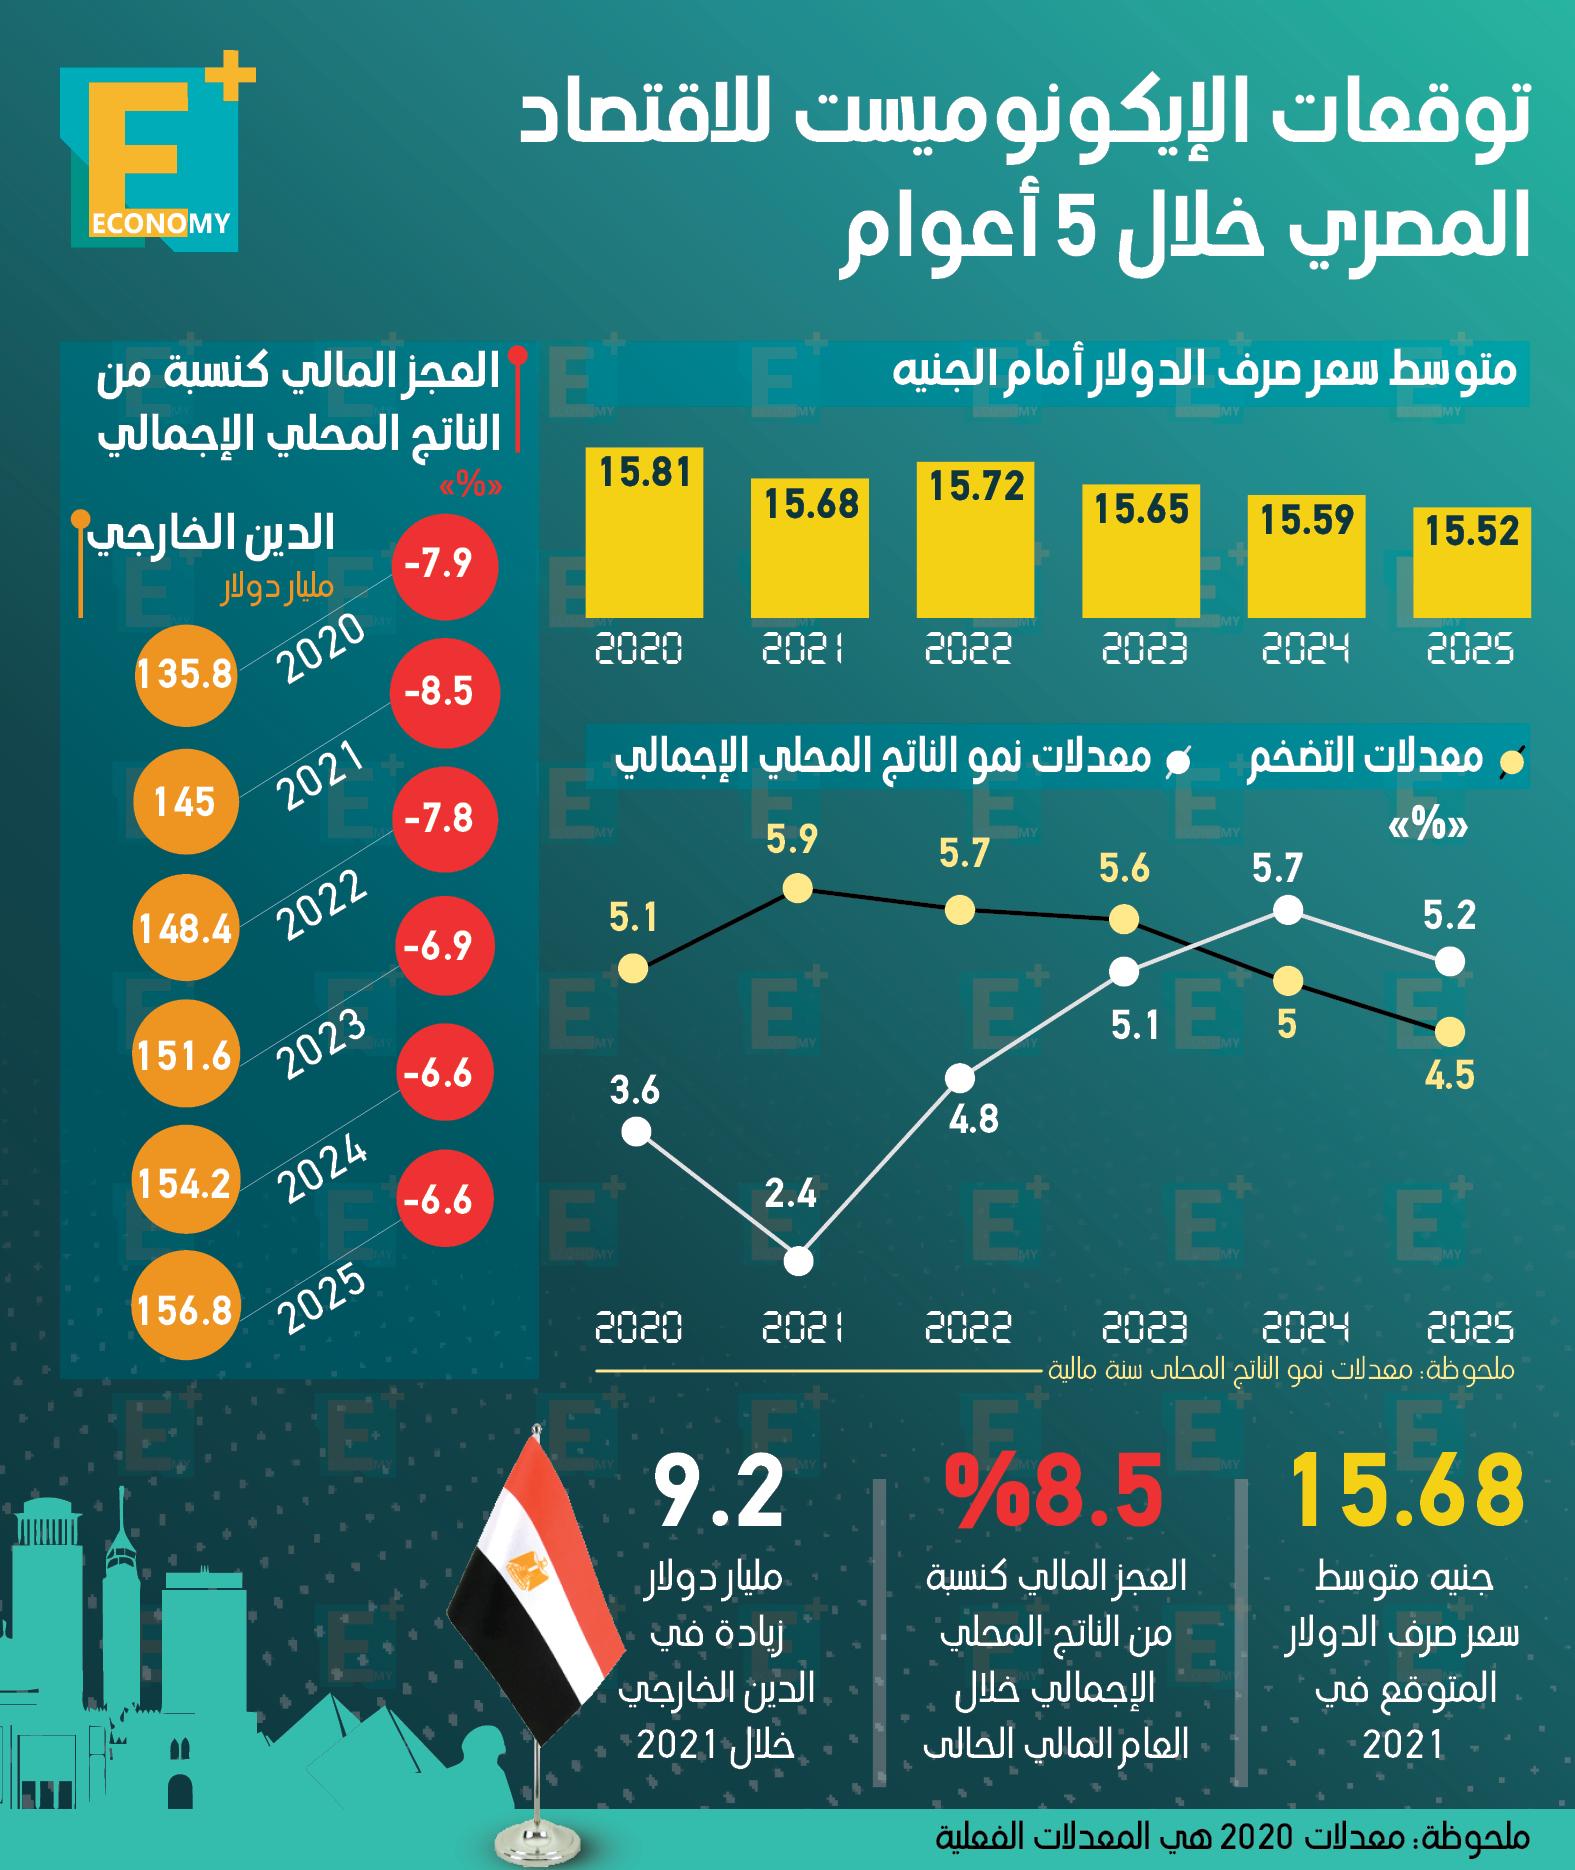 توقعات الإيكونوميست للاقتصاد المصري خلال 5 أعوام